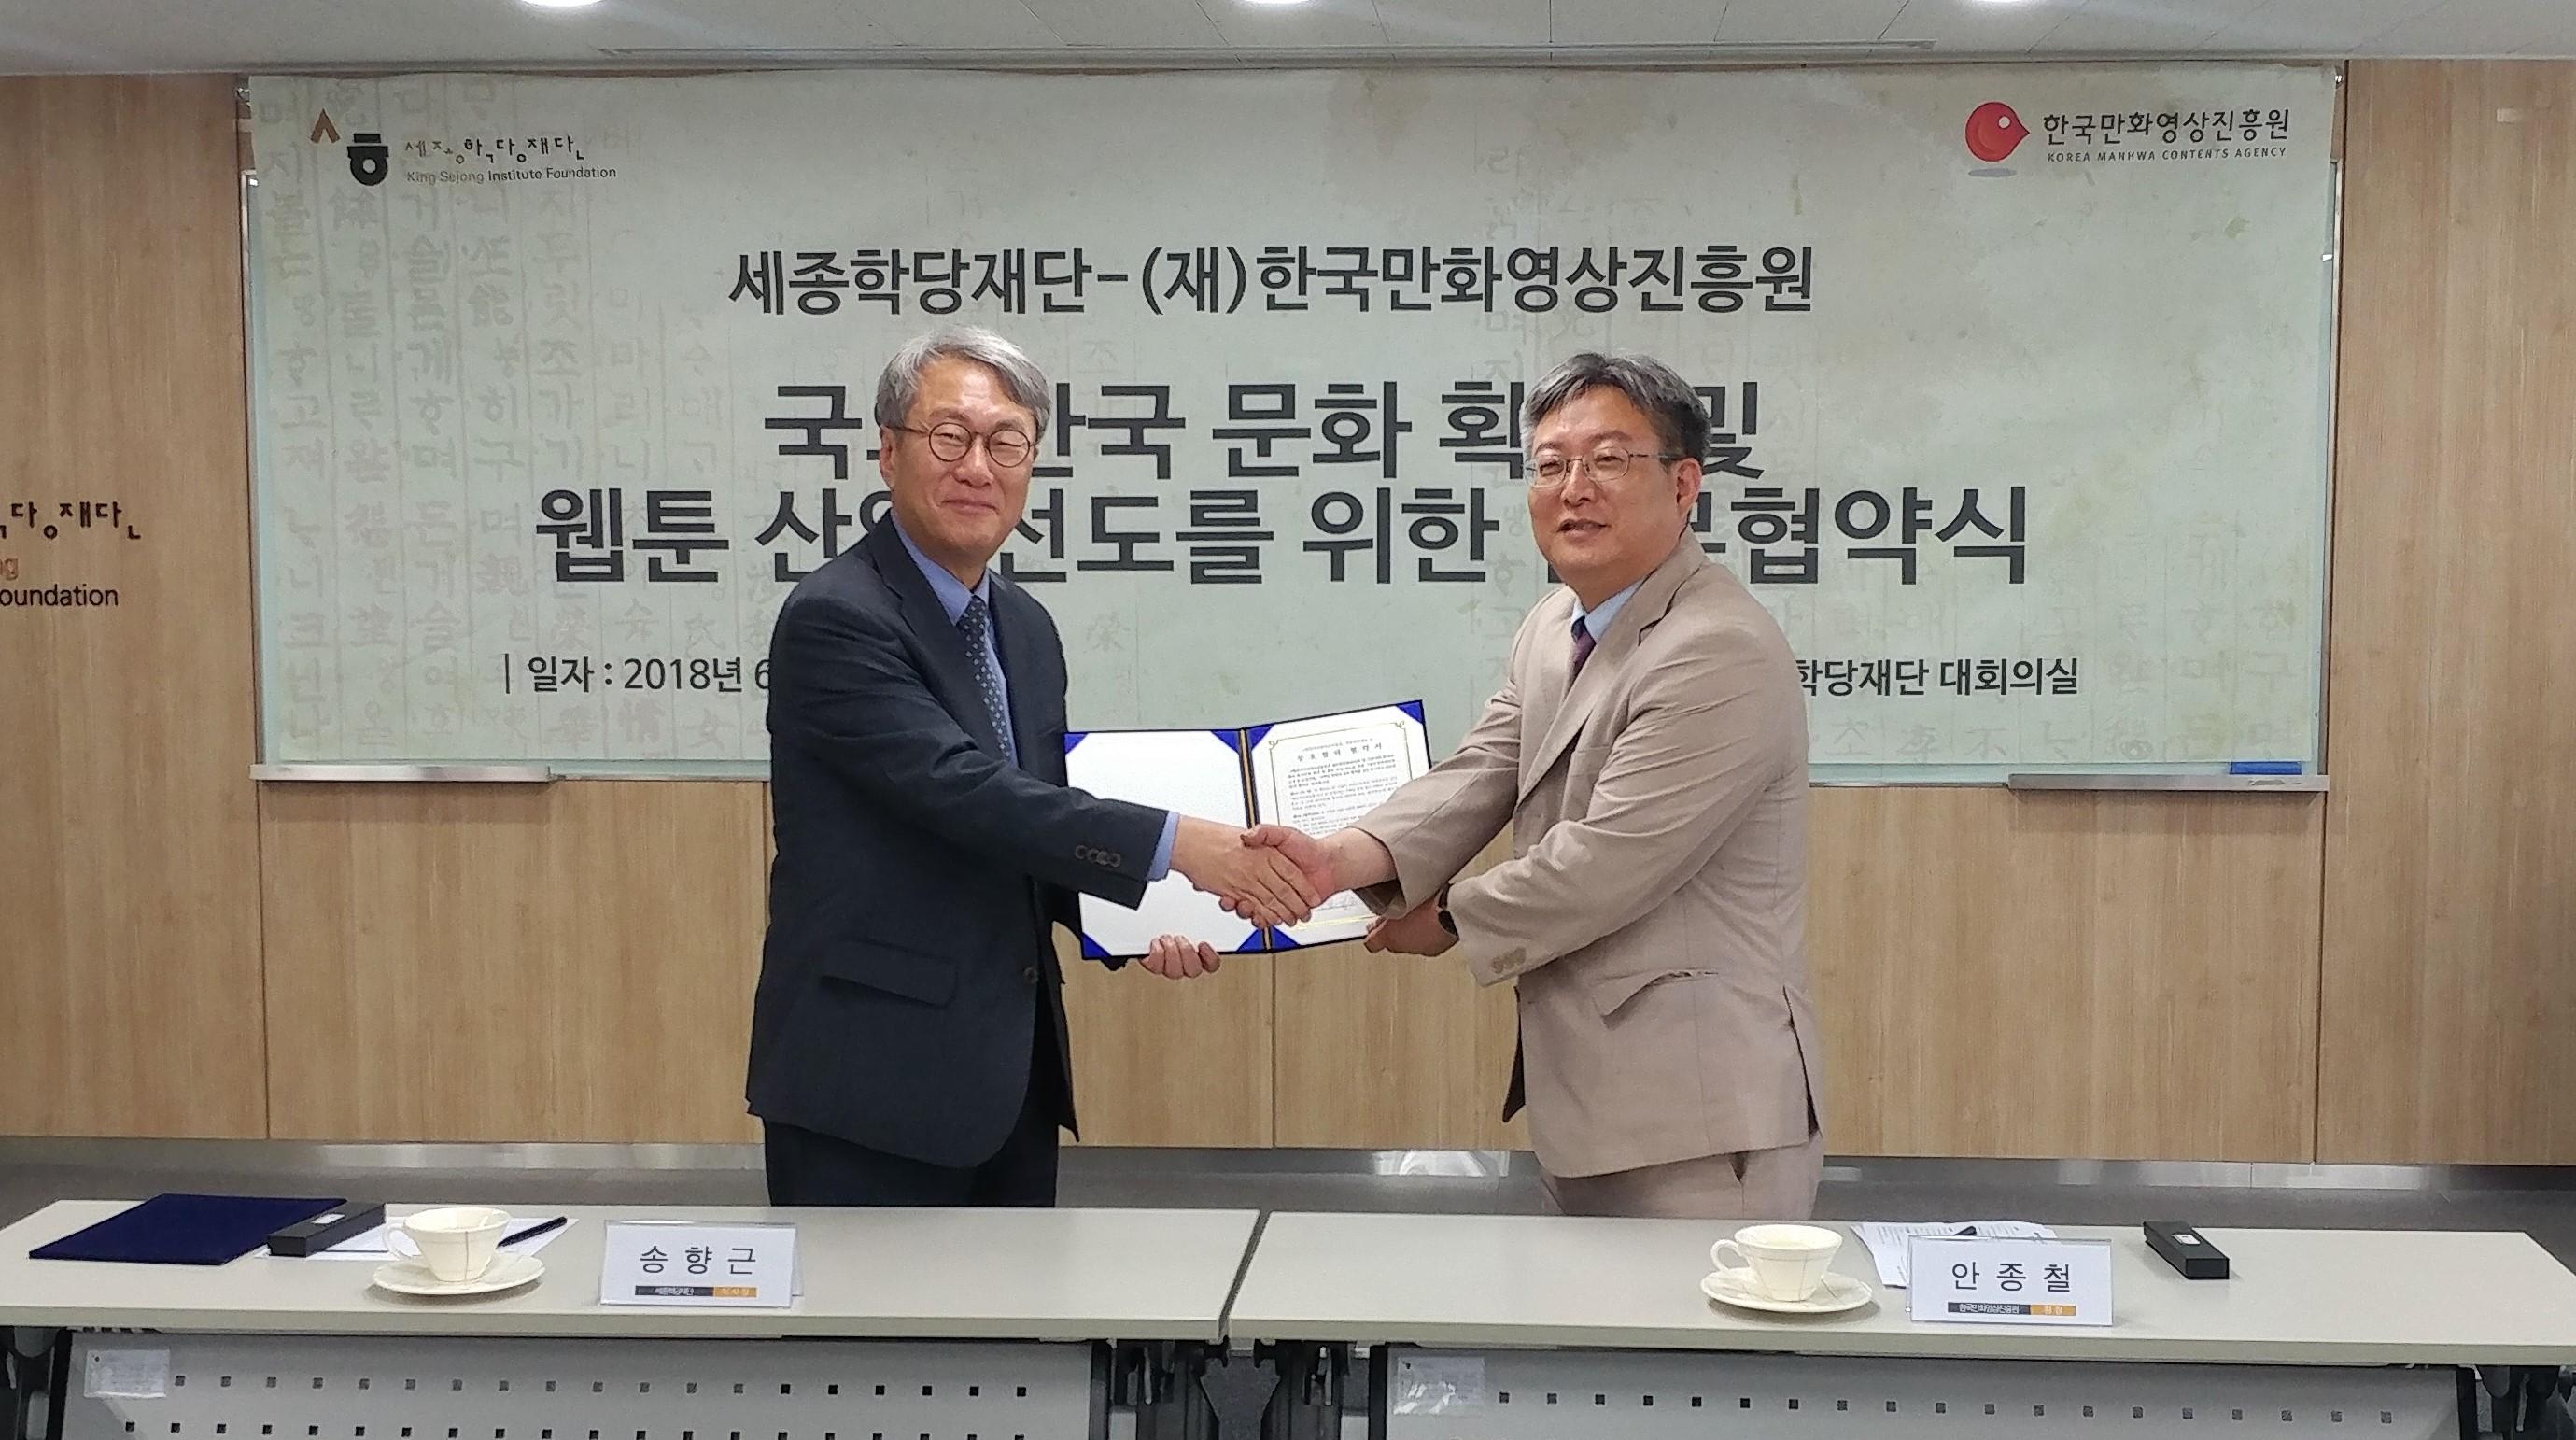 세종학당재단-한국만화영상진흥원 웹툰창작체험관 조성 및 운영사업 MOU